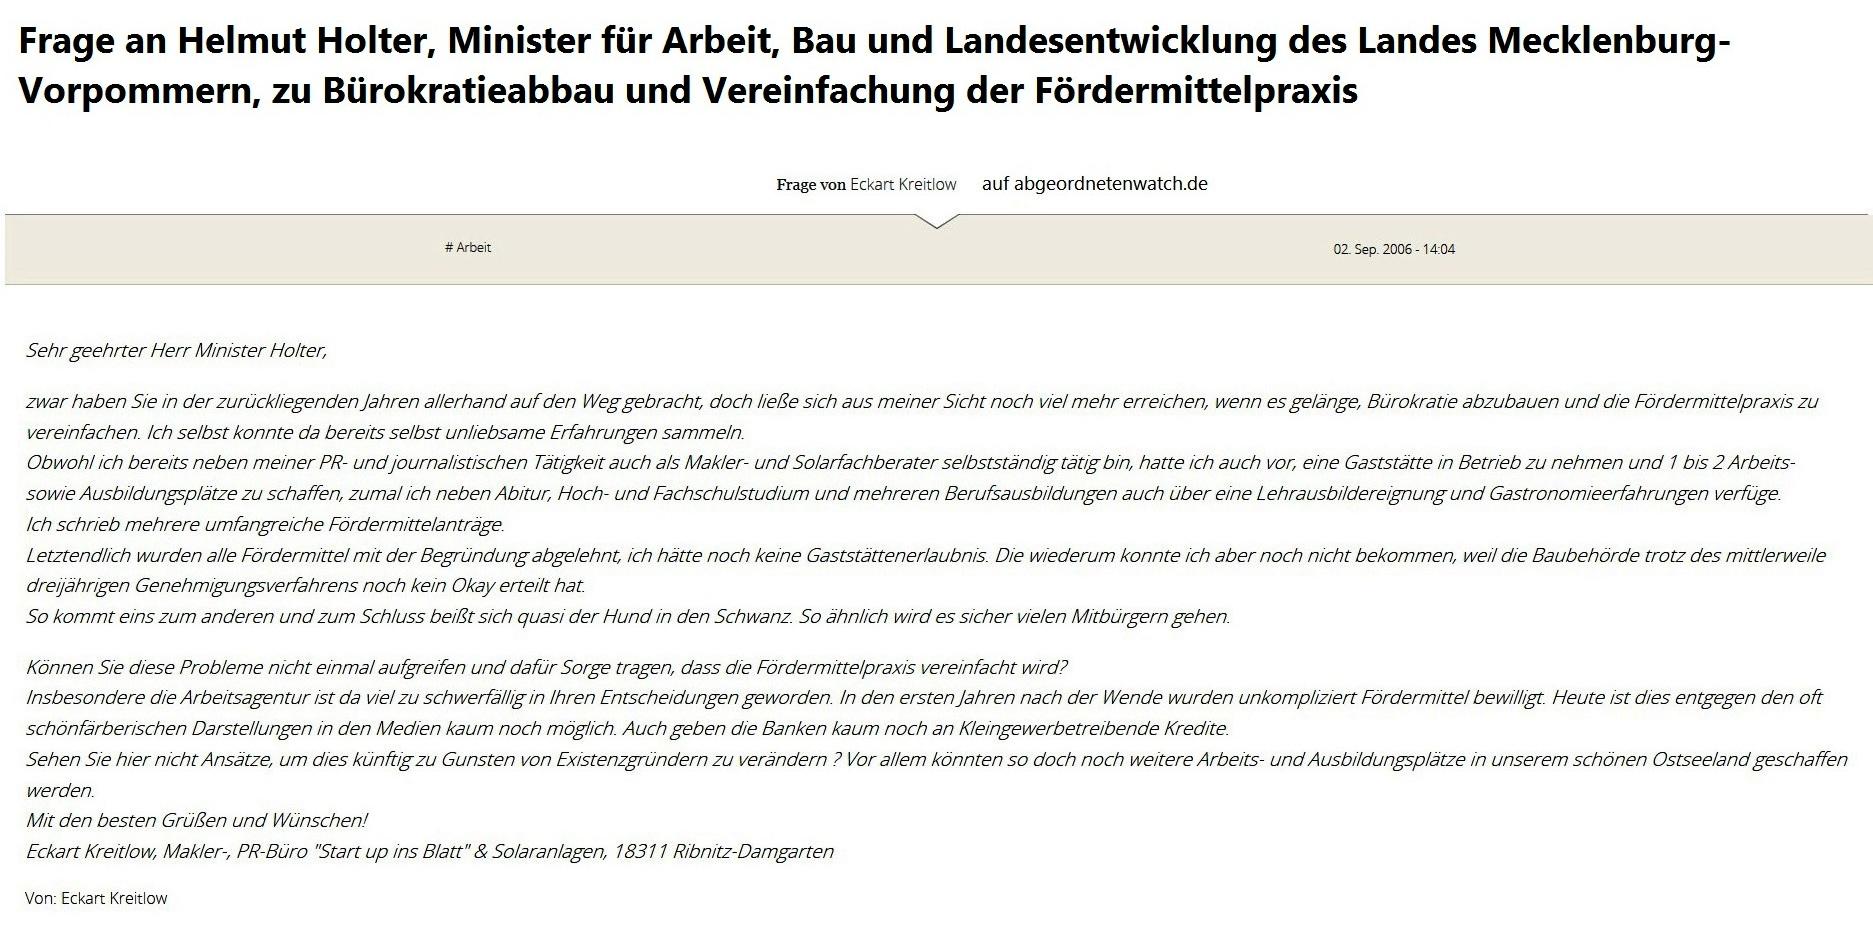 Frage von Eckart Kreitlow an Helmut Holter, Minister für Arbeit, Bau und Landesentwicklung des Landes Mecklenburg-Vorpommern,  zu Bürokratieabbau und Vereinfachung der Fördermittelpraxis am 2.September 2006 auf abgeordnetenwatch.de